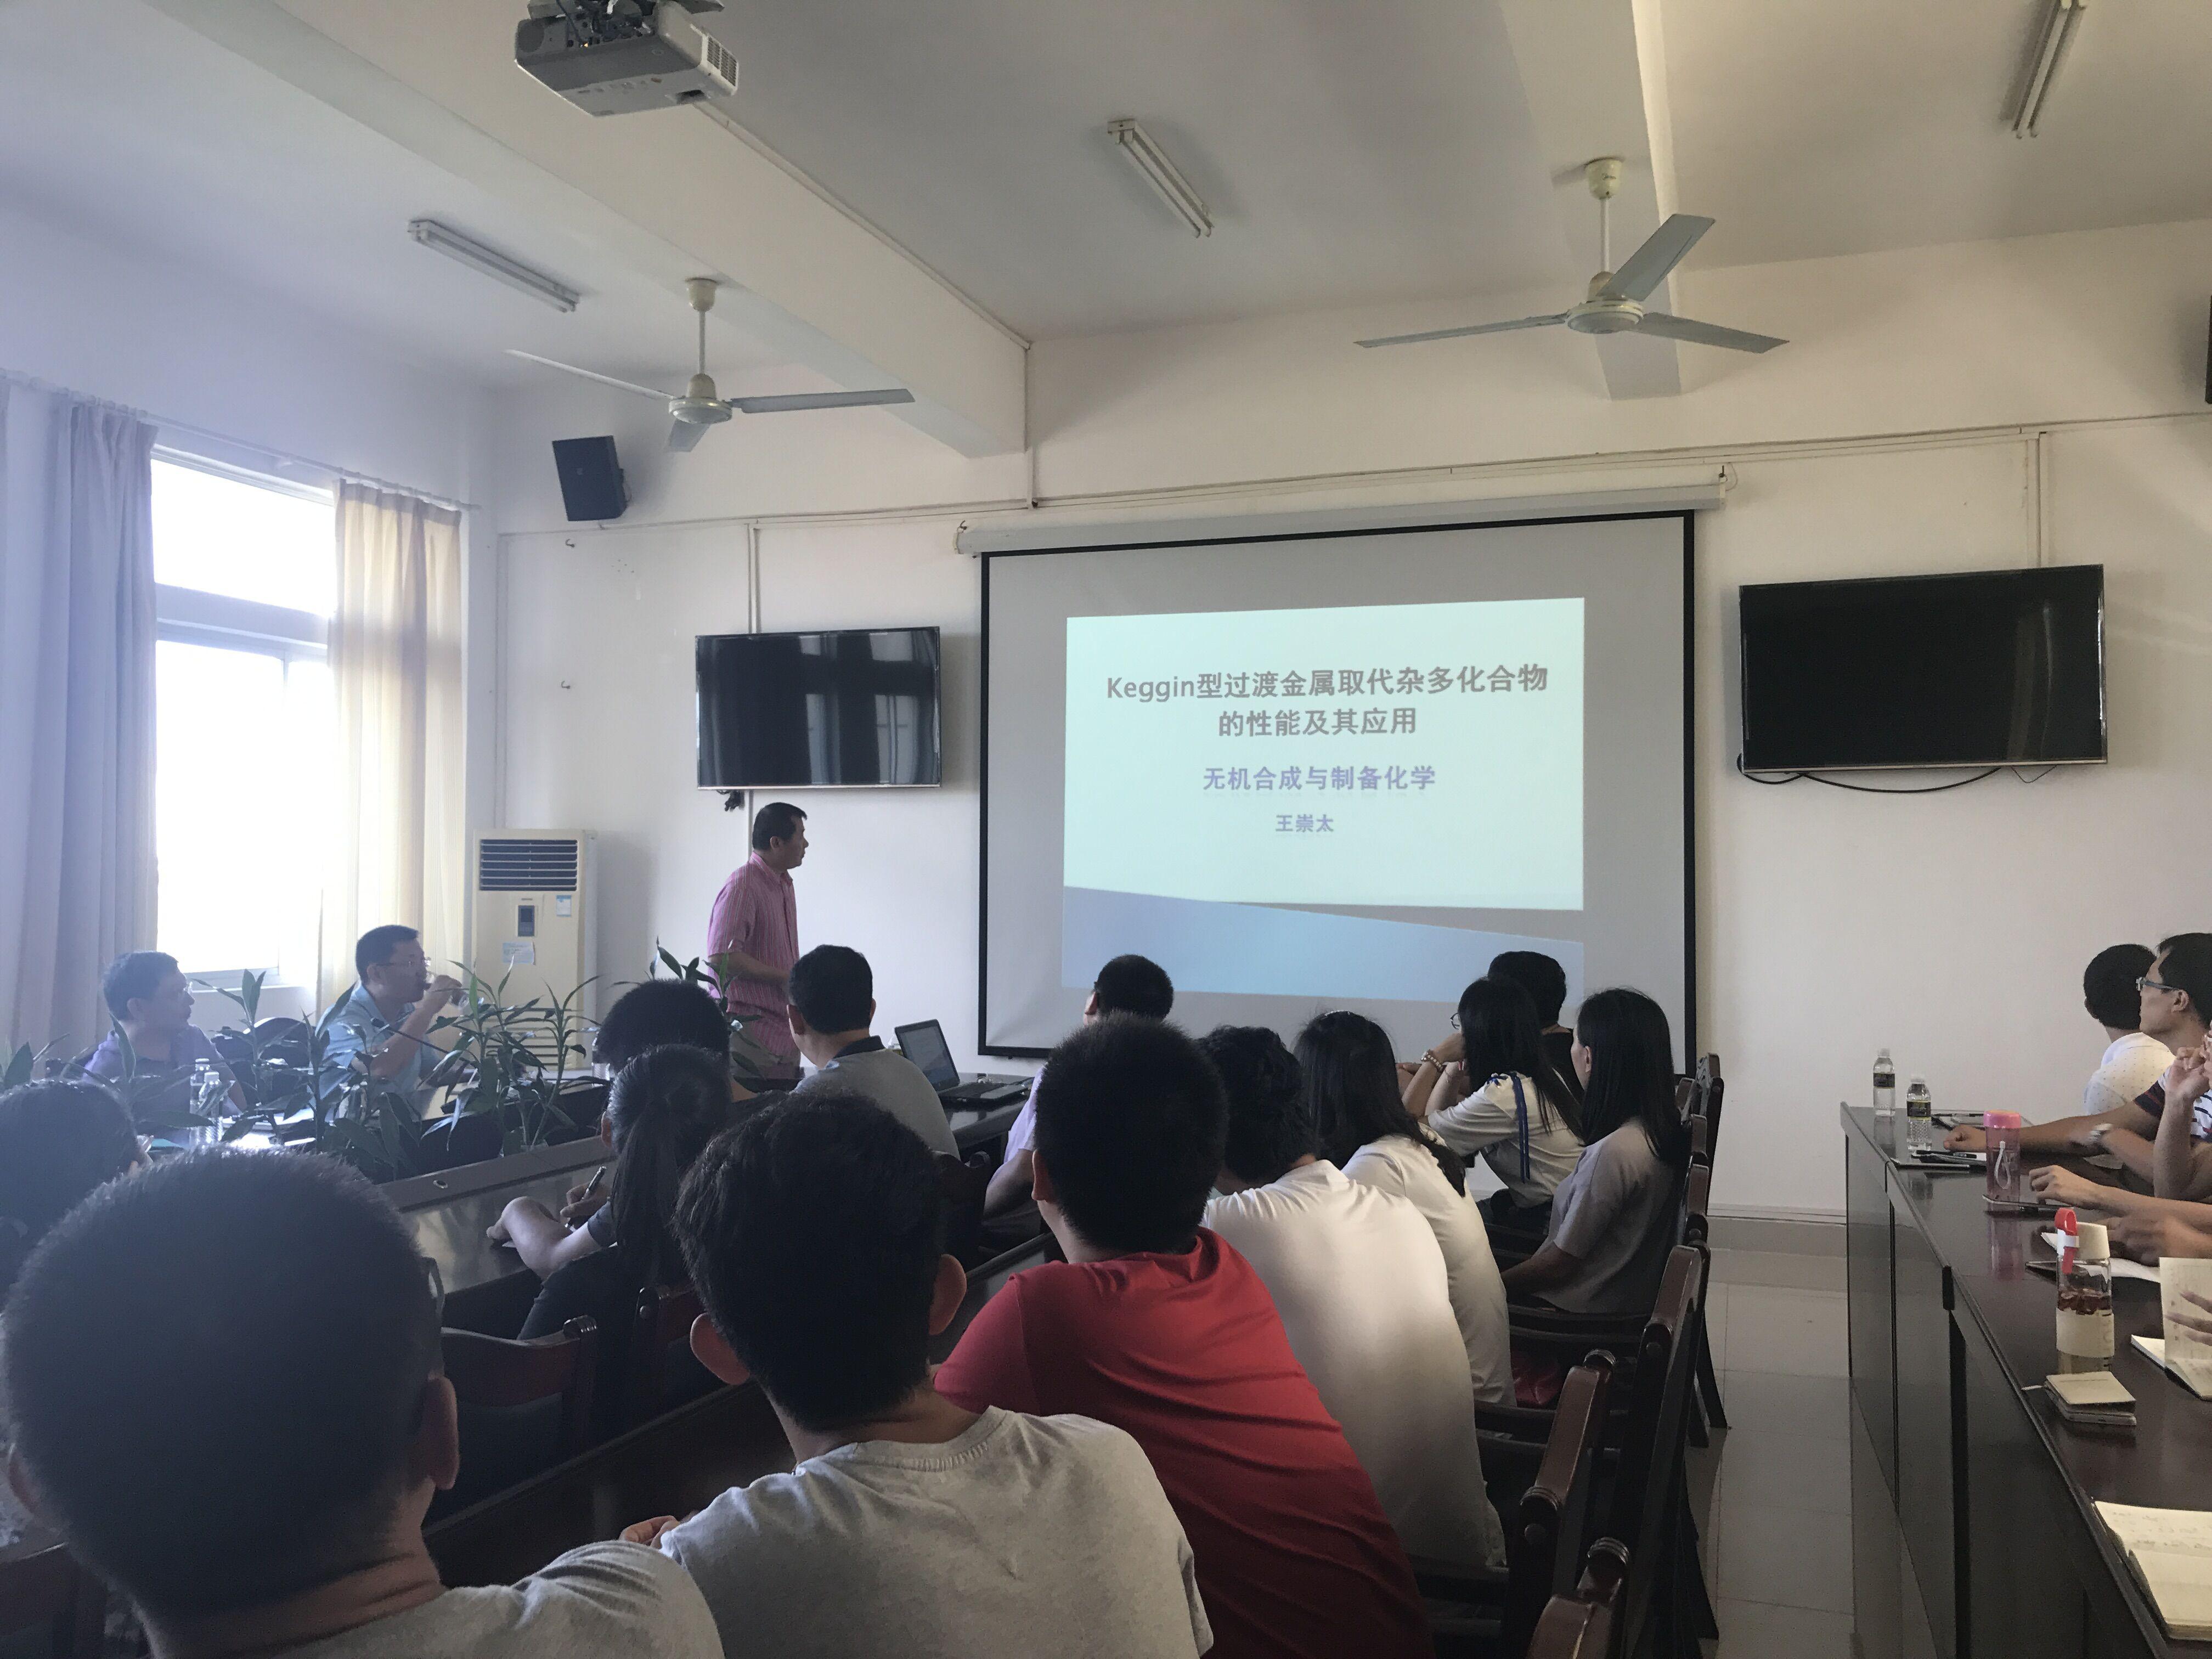 化学与化工学院2017年教授/博士论坛(第三期)